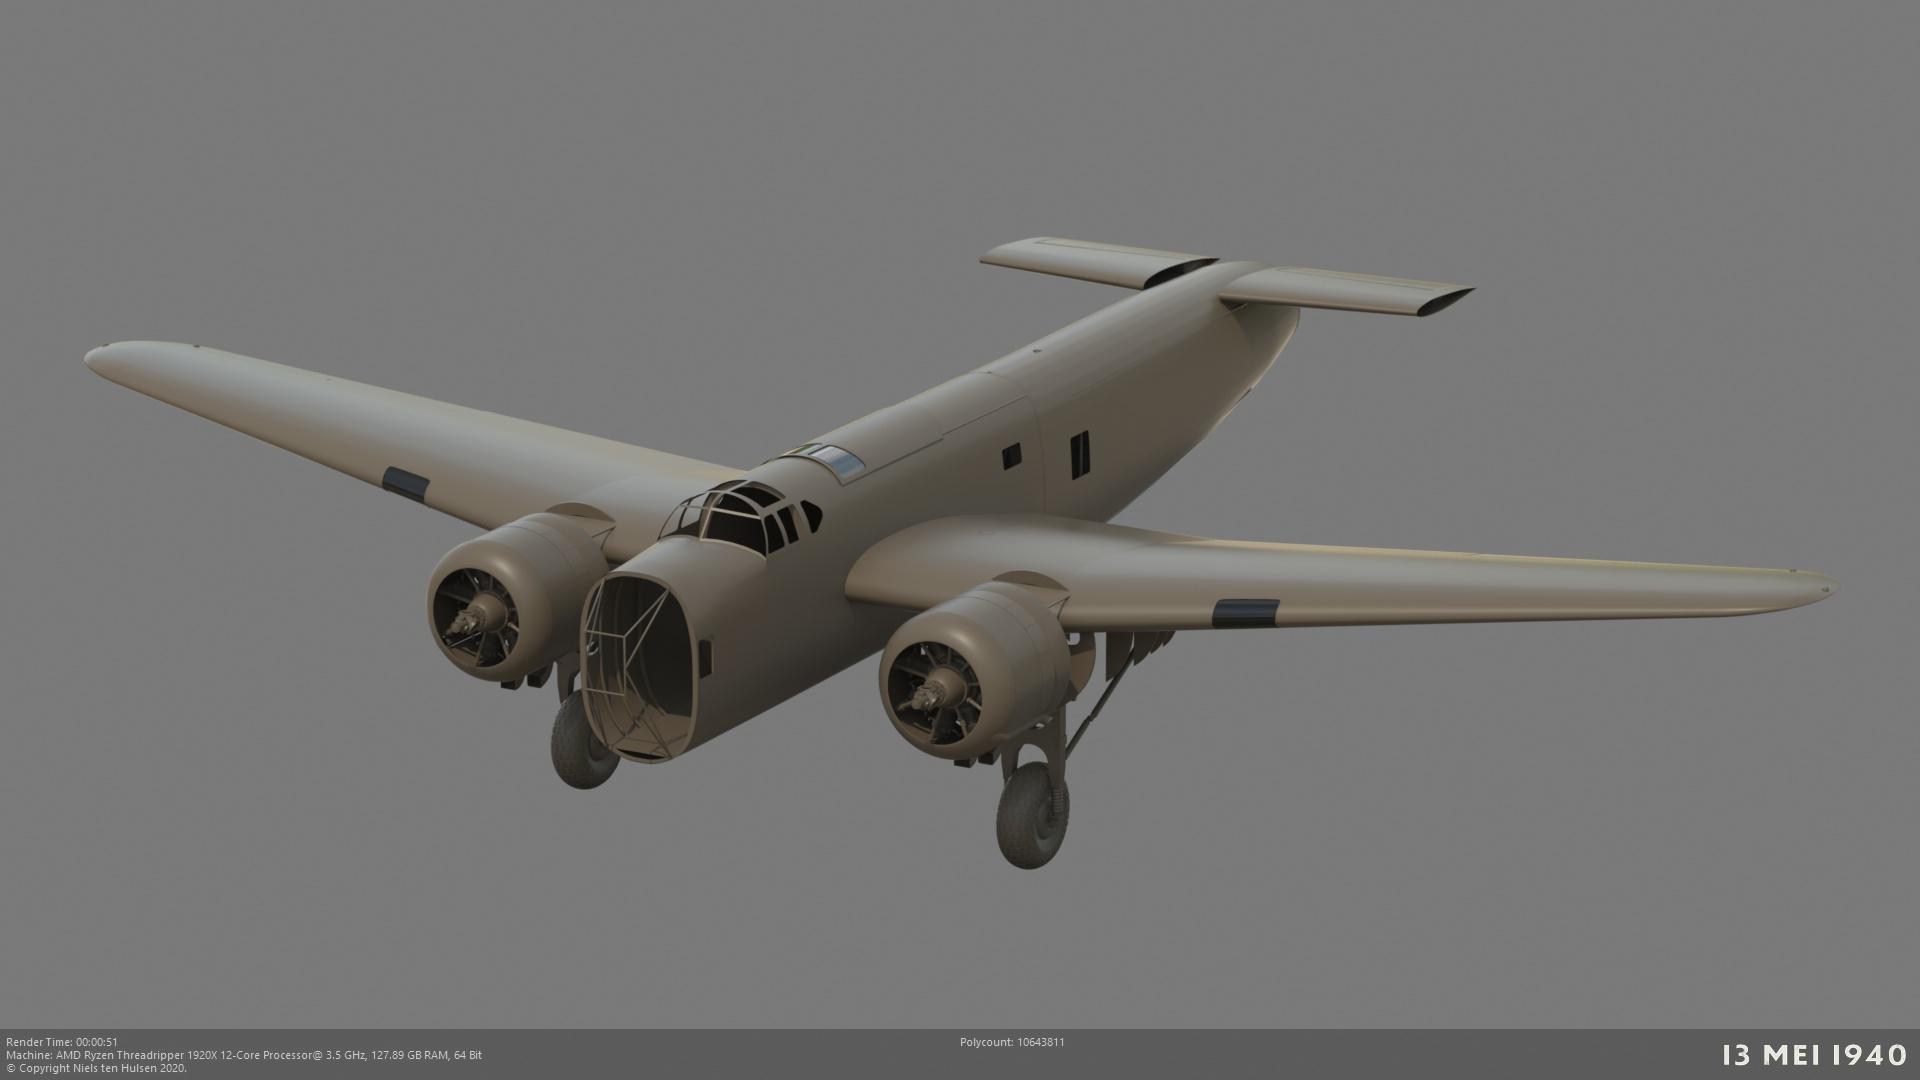 Naam: 001_FokkerT5_motor14.jpg Bekeken: 126 Grootte: 180,9 KB